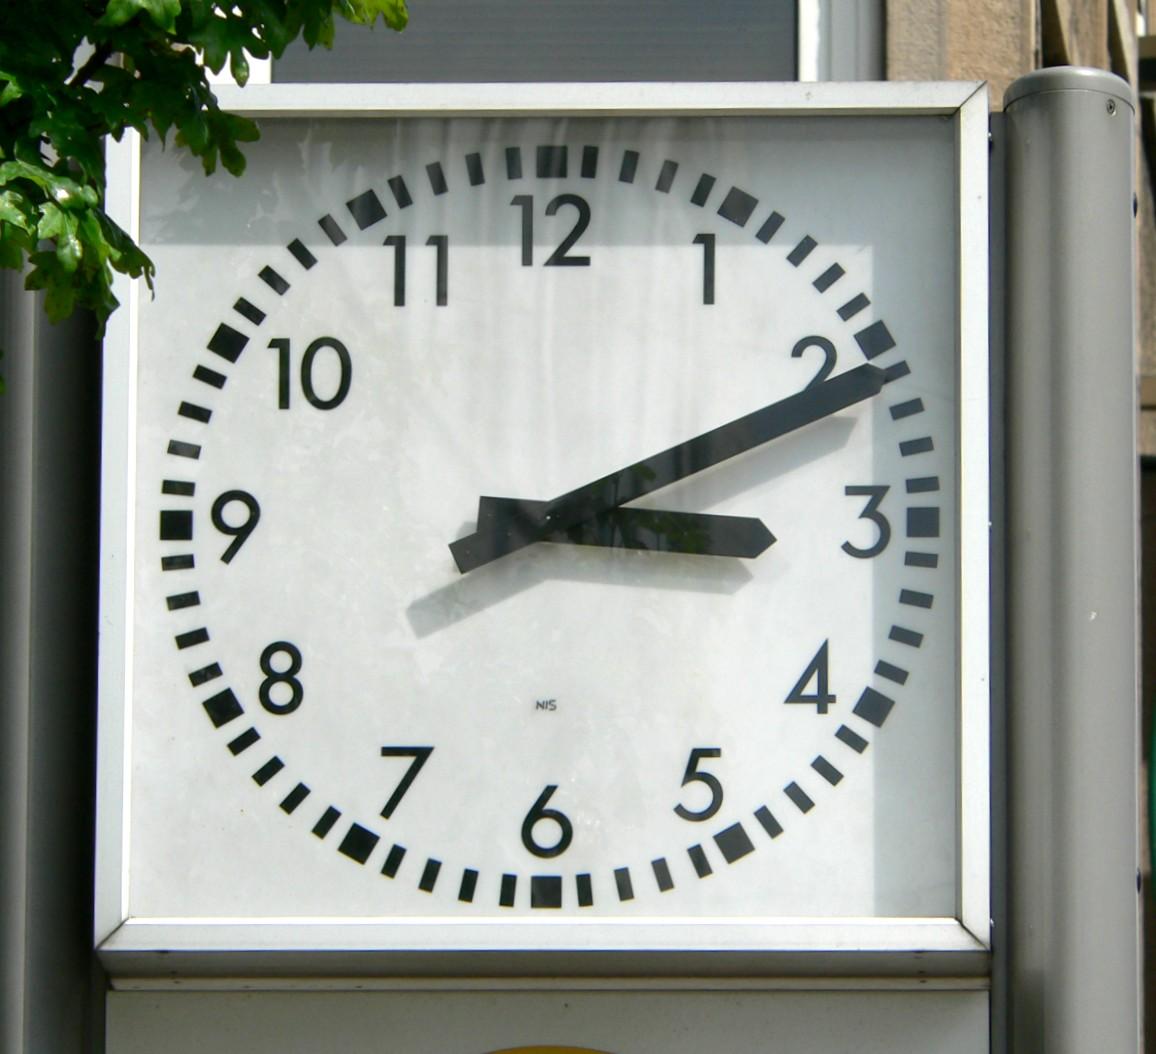 時間 (単位) - Wikipedia